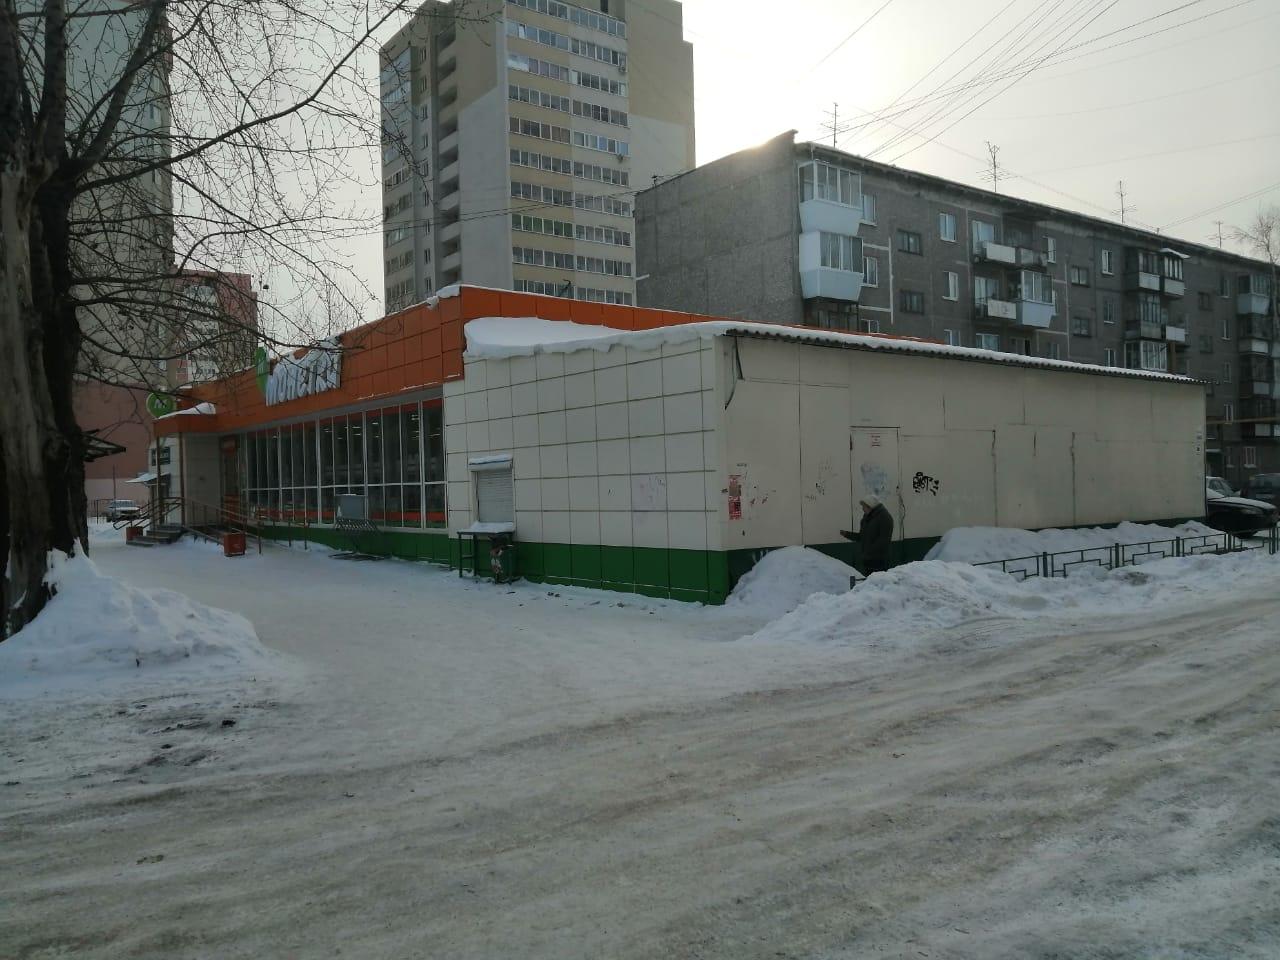 Серия 468А - пятиэтажный панельный дом - Екатеринбург, ул. Ляпустина, 60